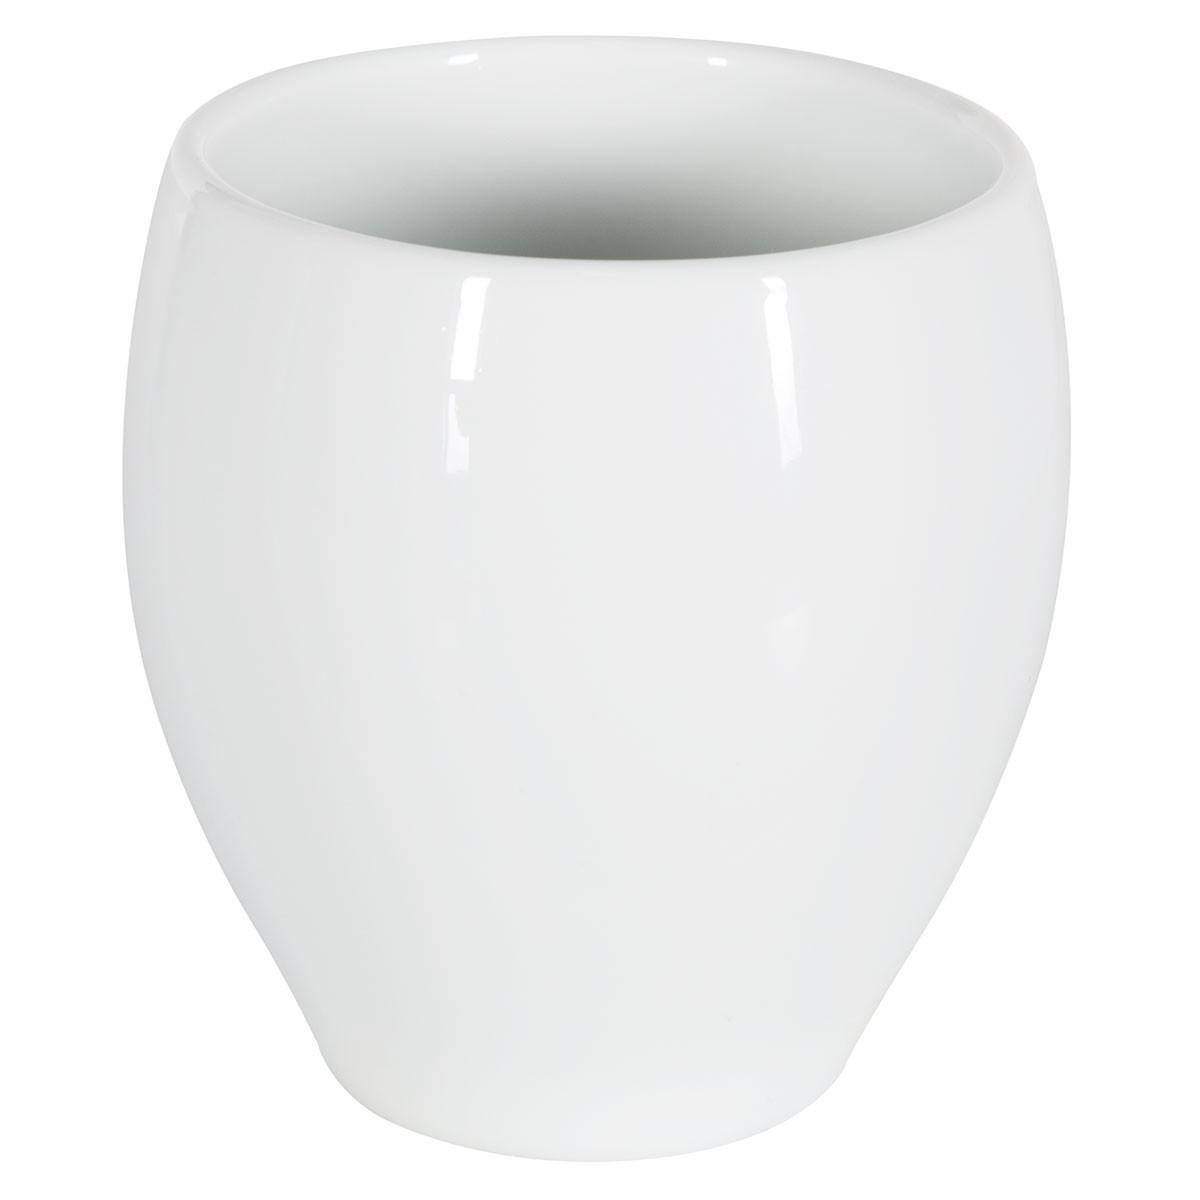 Ποτήρι Οδοντόβουρτσας Spirella 03188.001 Bali White